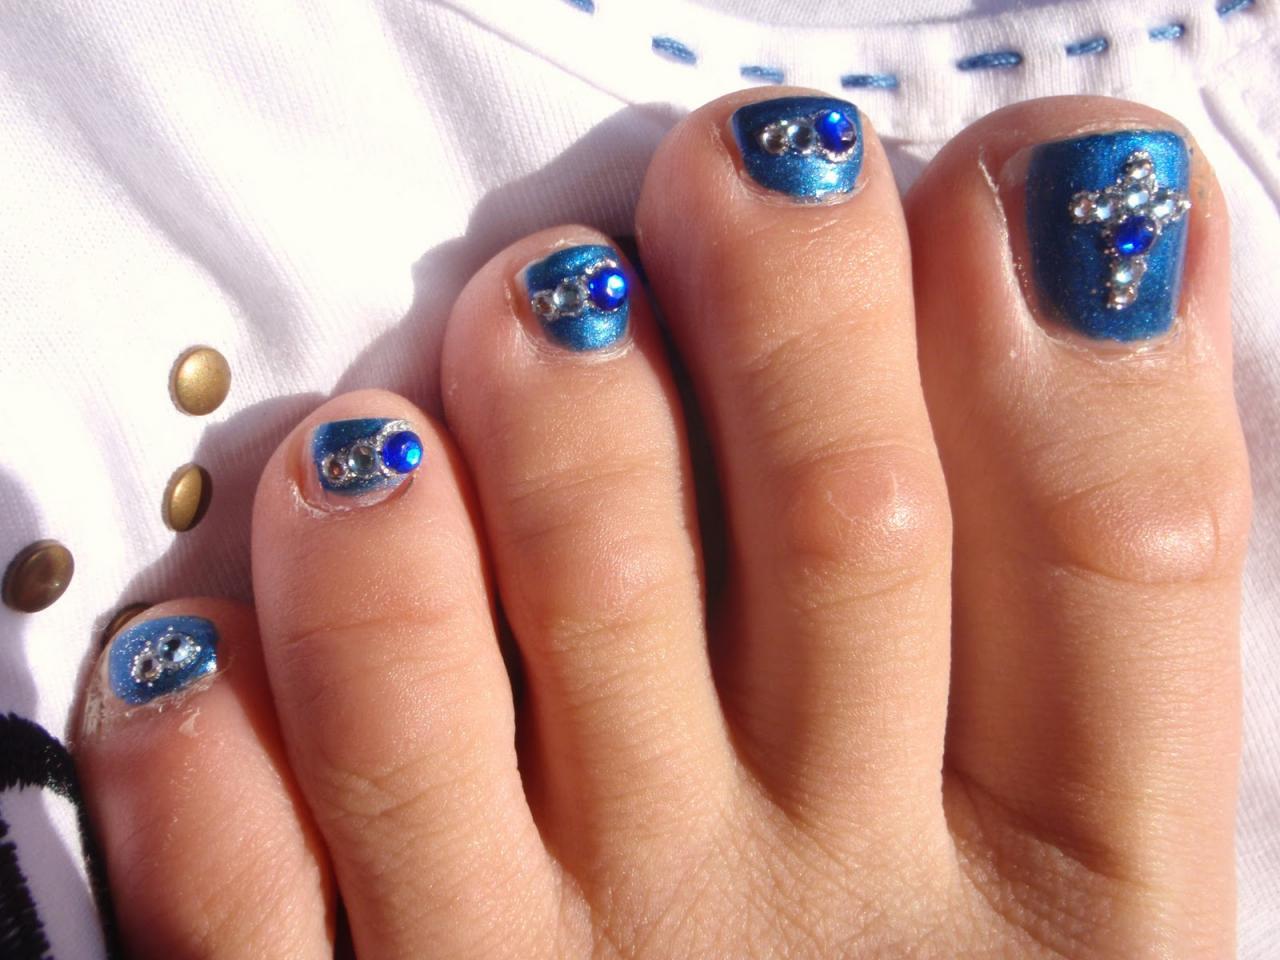 Mẫu vẽ móng chân màu xanh đính đá đẹp nhất